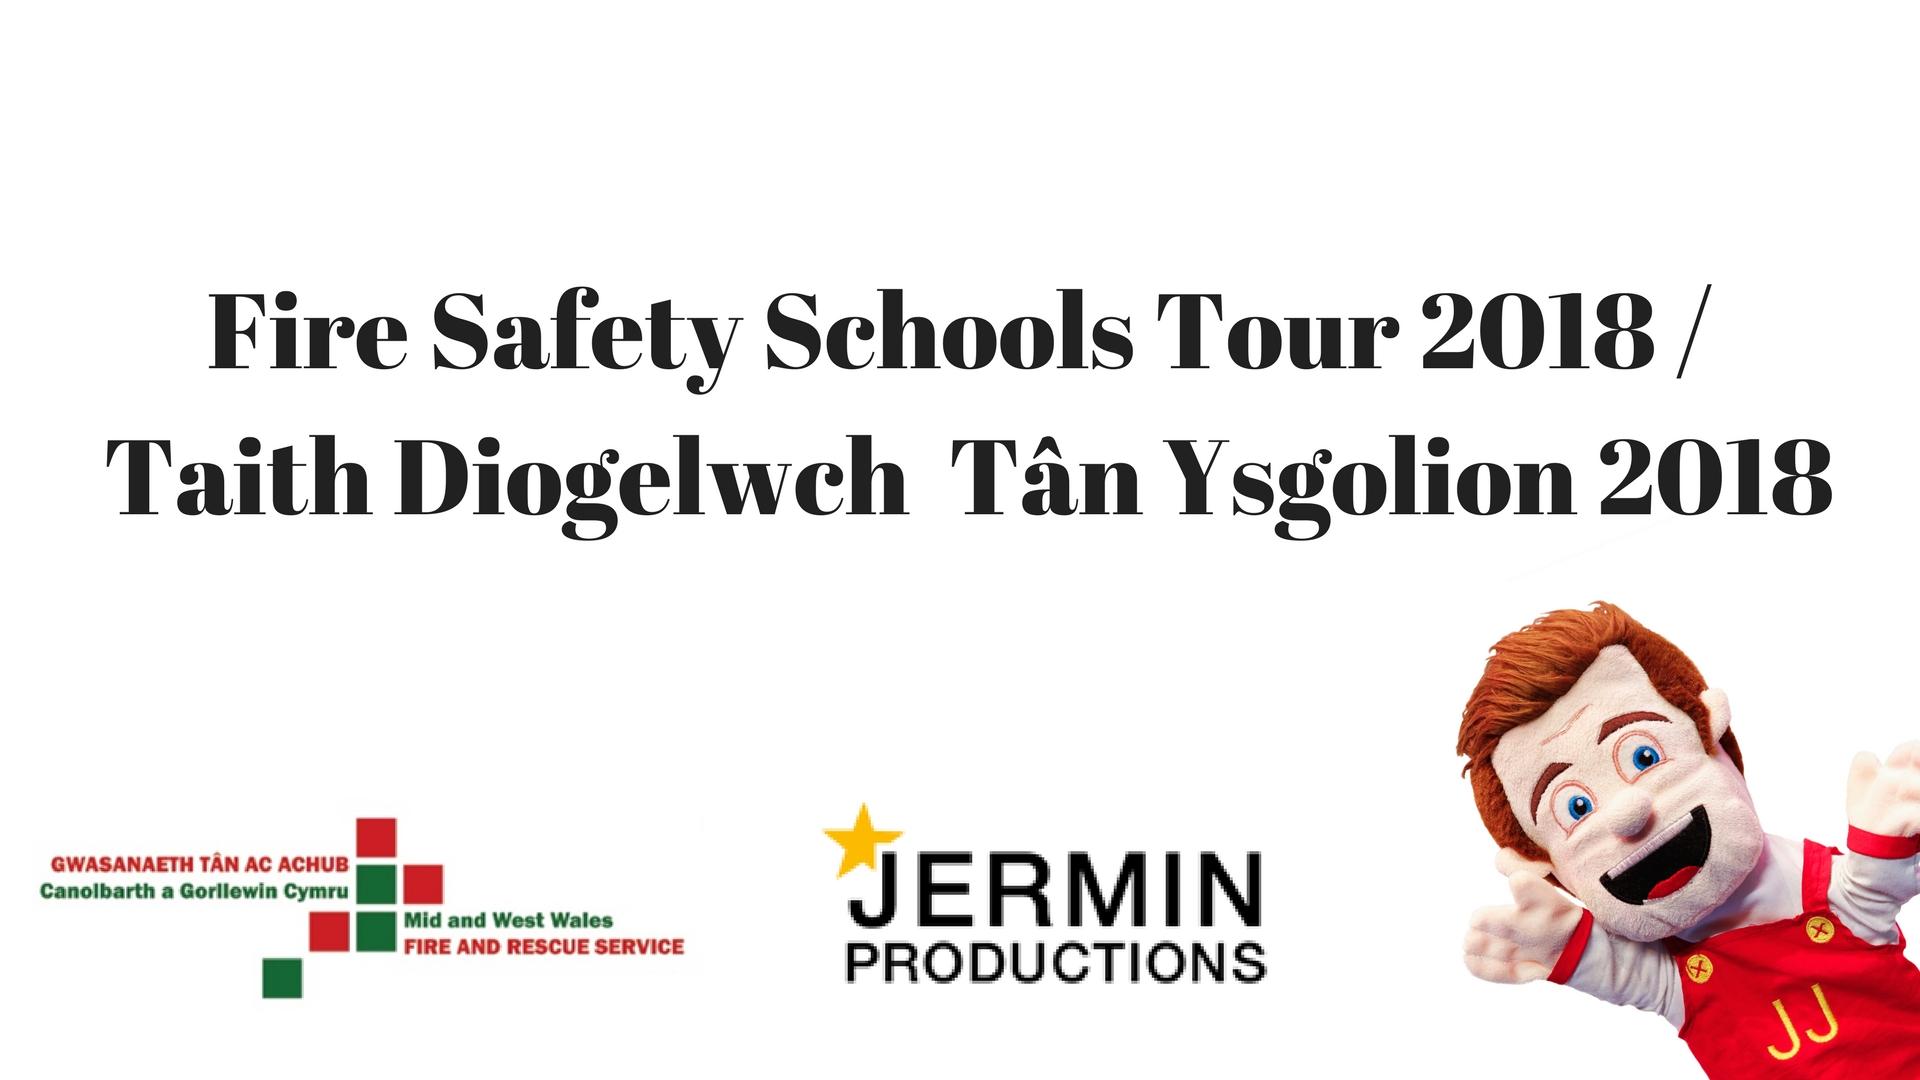 Taith Diogelwch Tan Ysgolion 2018